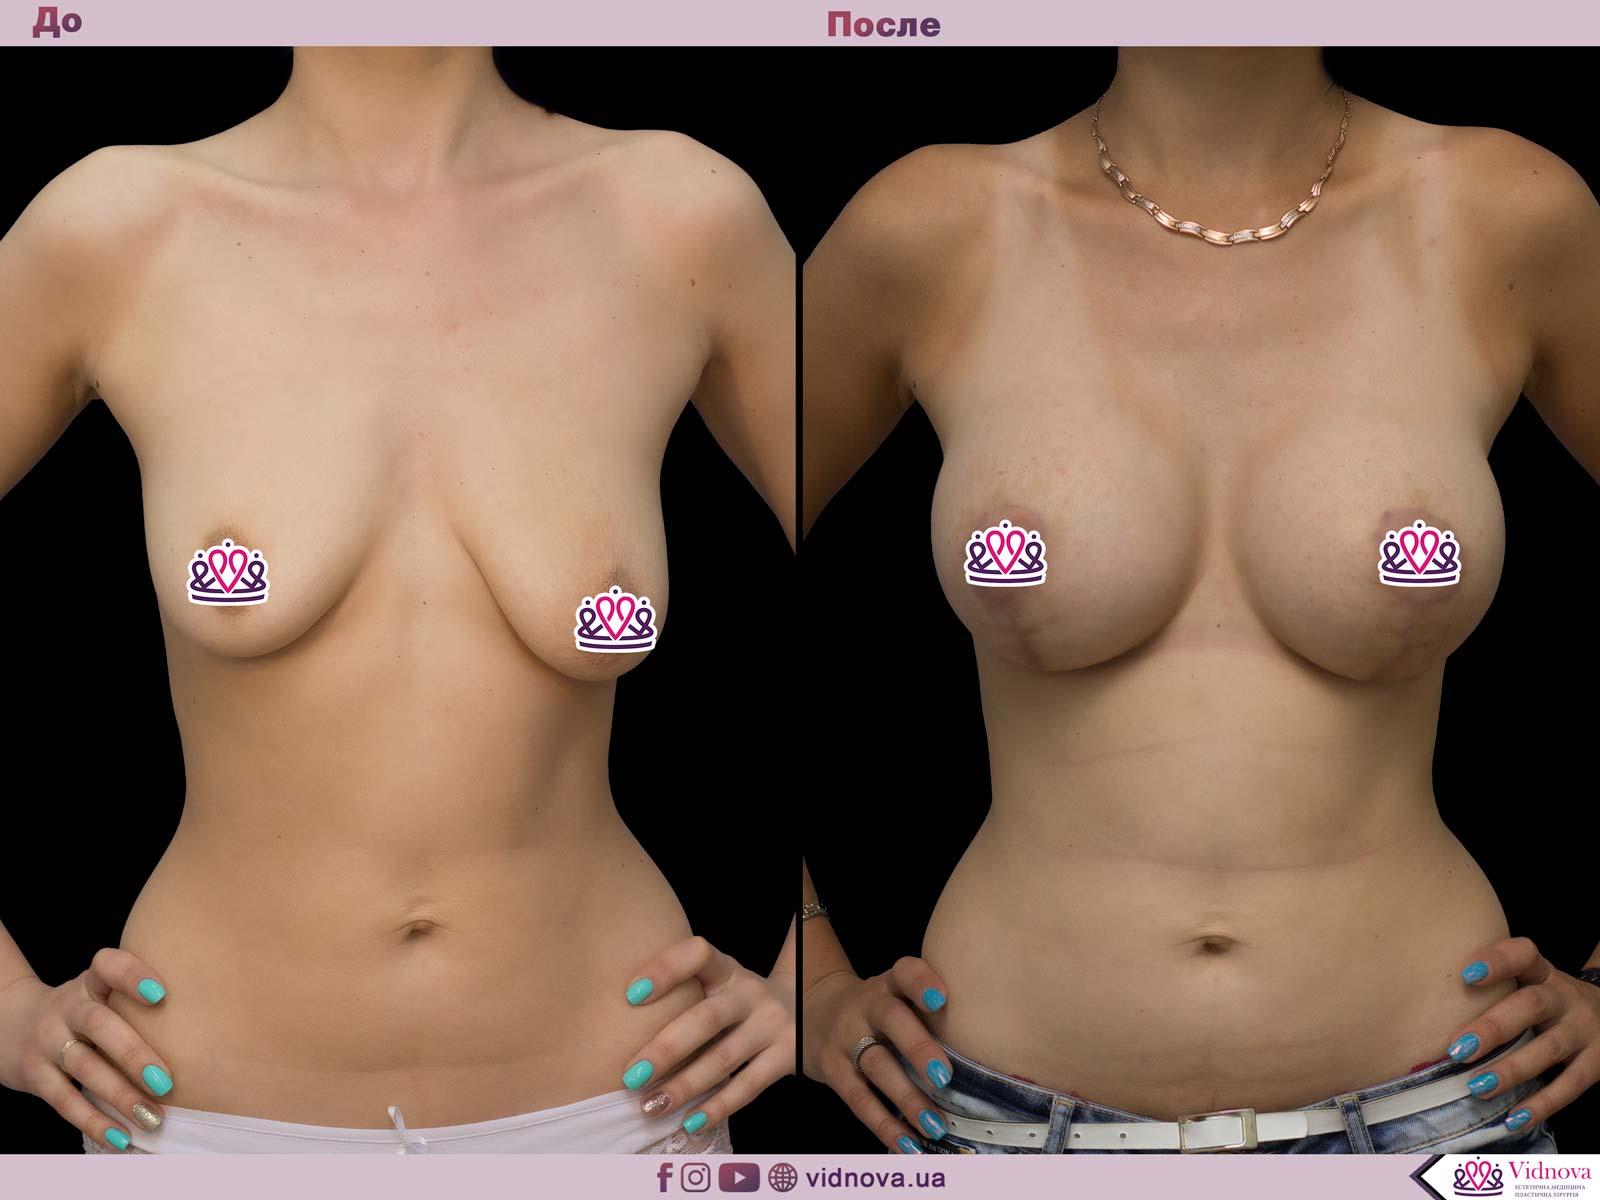 Пластика груди: результаты до и после - Пример №58-0 - Светлана Работенко